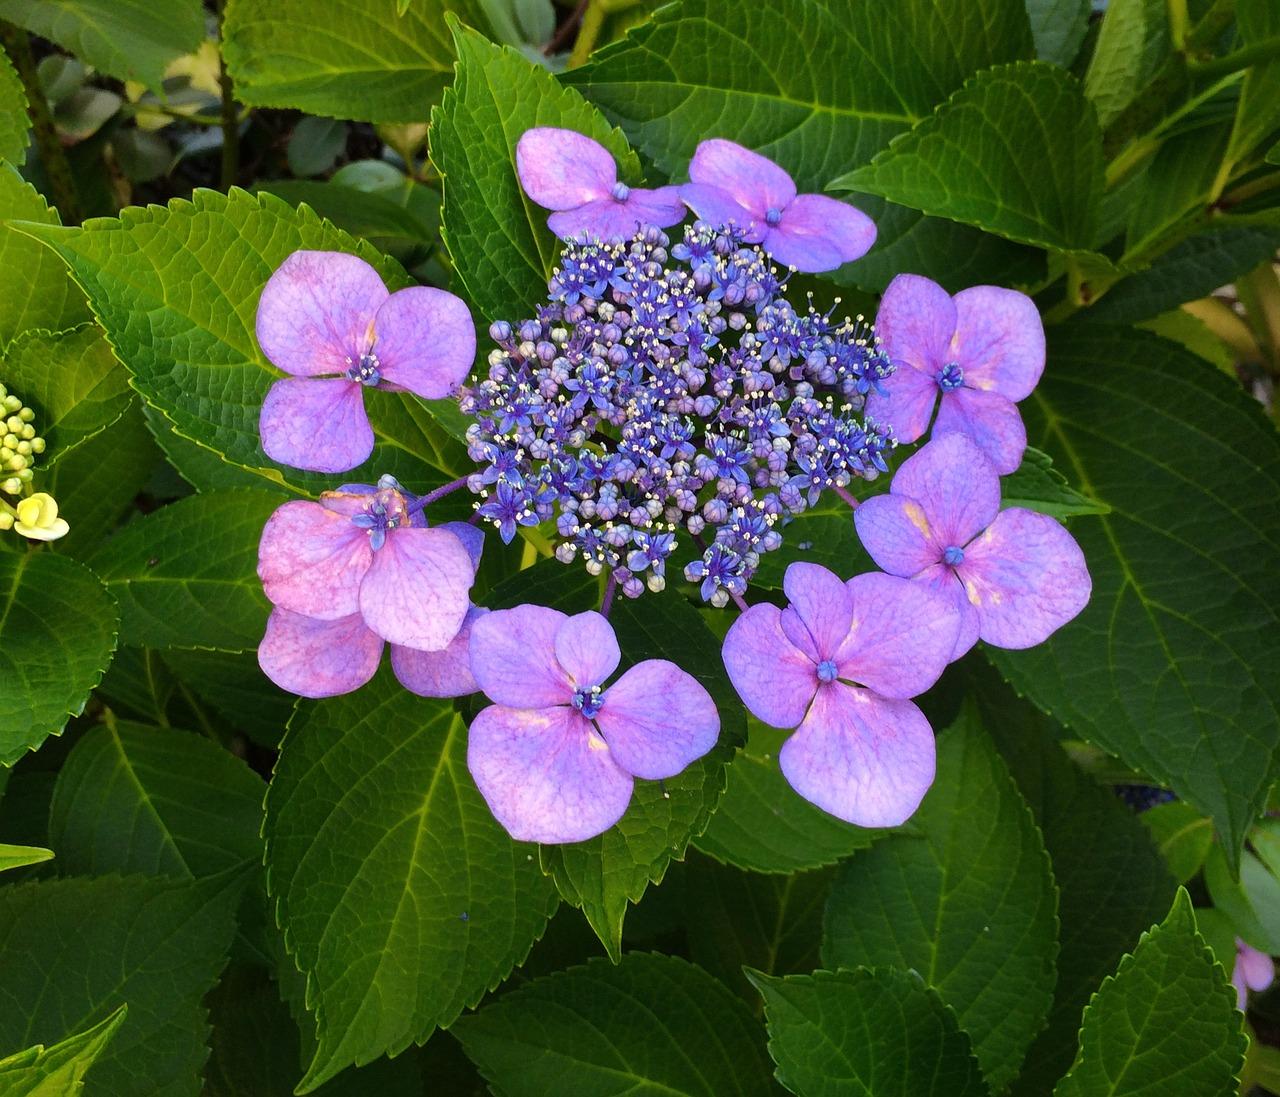 Ganz und zu Extrem Buddha-Blume: Hortensie für Auge und Tee – Kräuterallerlei @WN_89